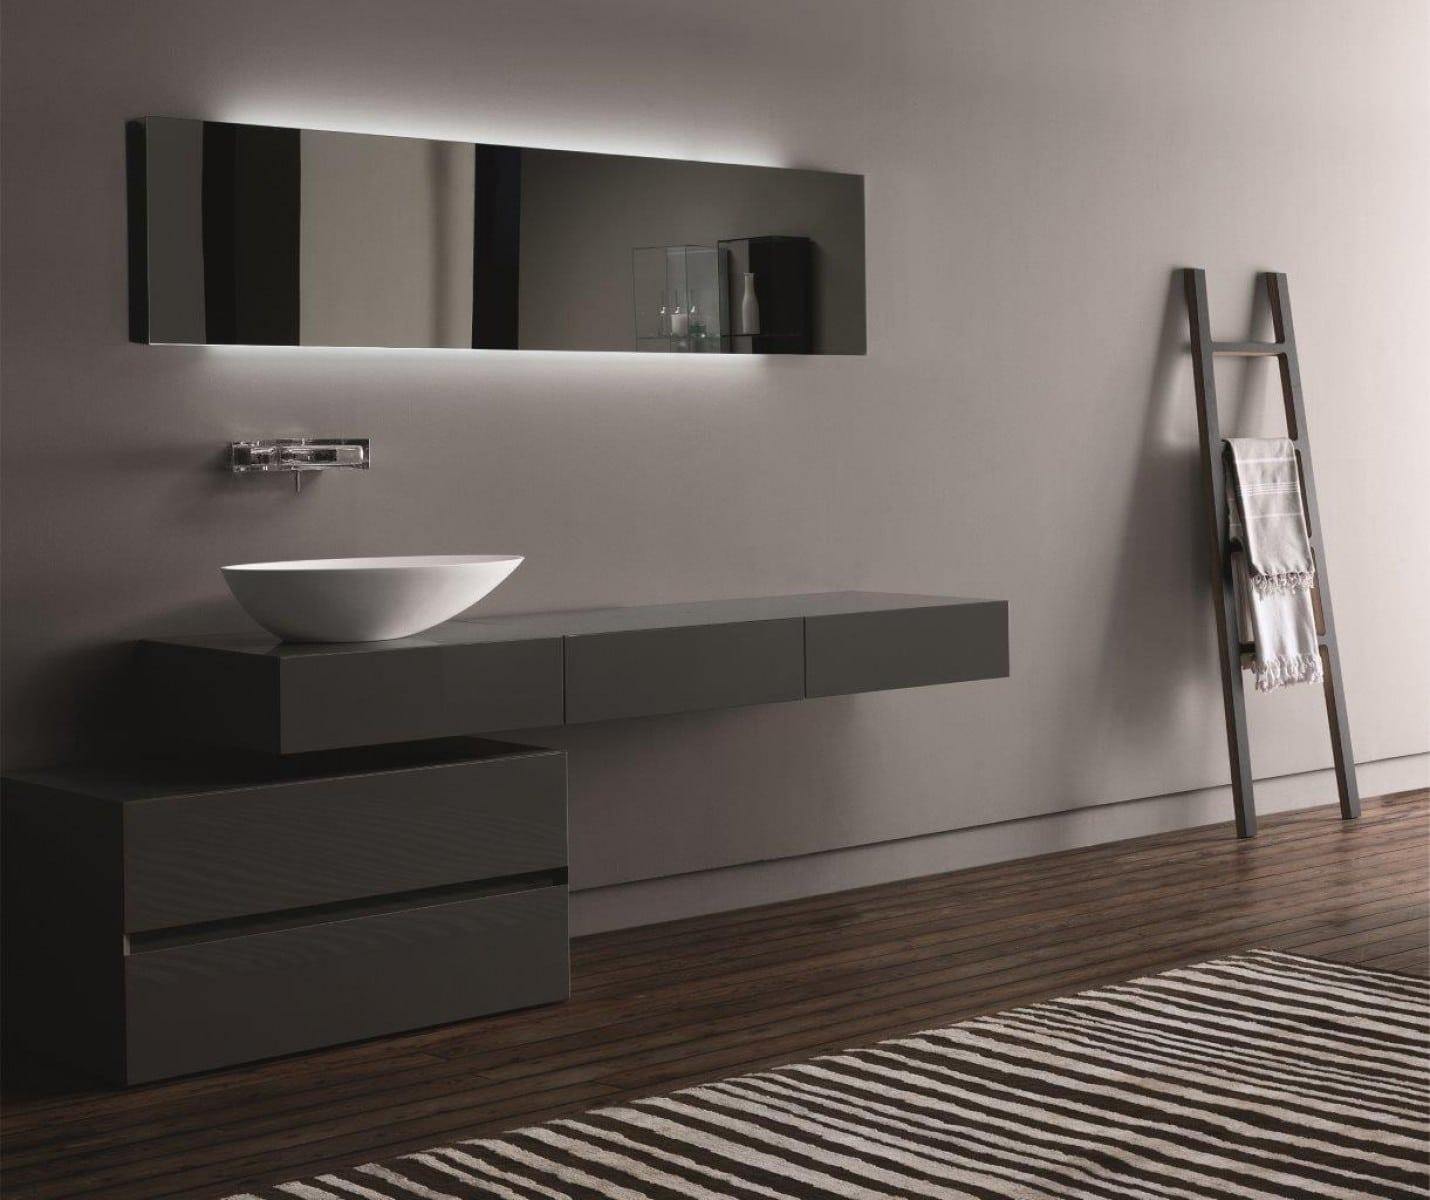 Baños Grises Modernos:Diseño de cuartos de baño modernos [Fotos]